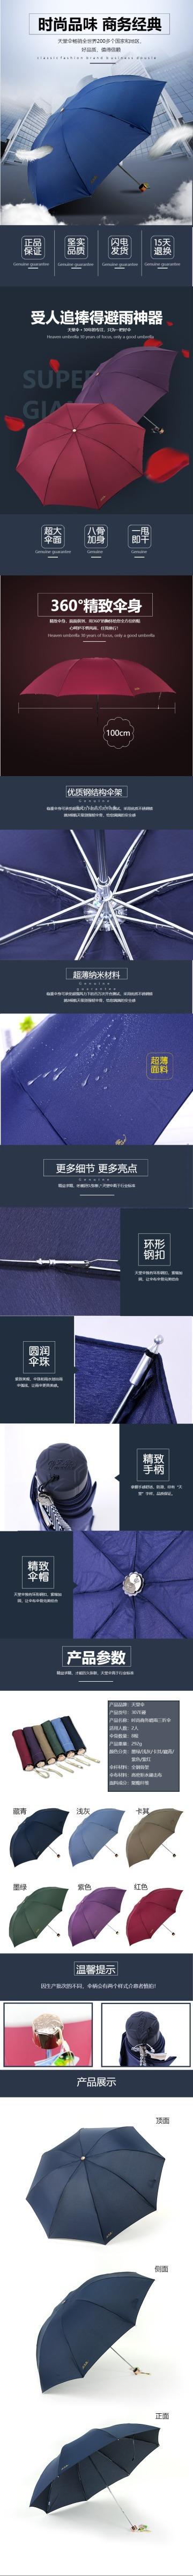 商务简约百货零售家居生活雨伞促销电商详情页